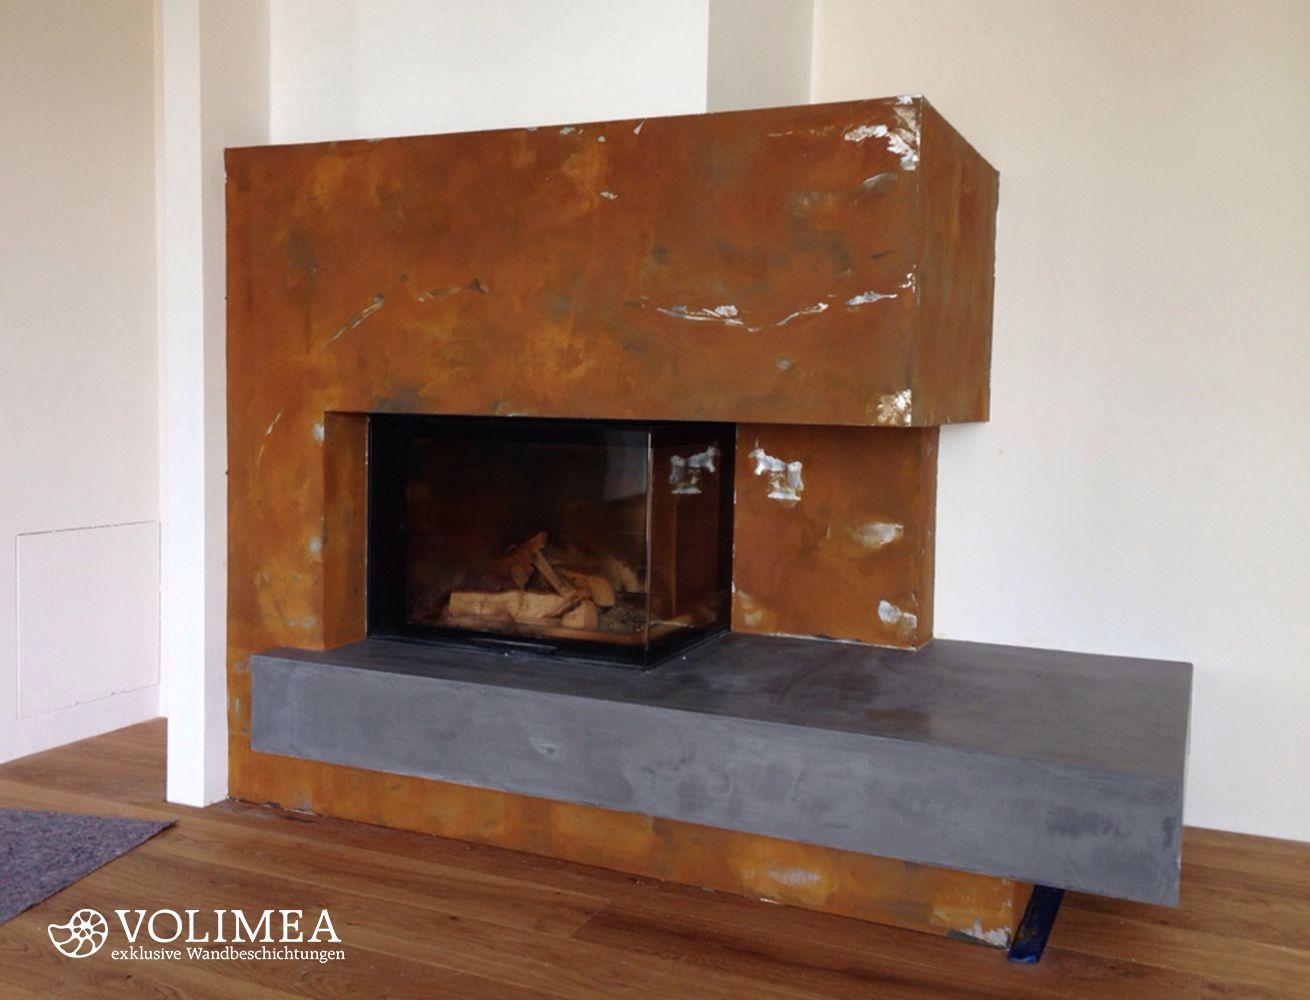 moderner kamin mit edler kaminverkleidung in rostoptik hier hat sich ein designbewusster bauherr. Black Bedroom Furniture Sets. Home Design Ideas